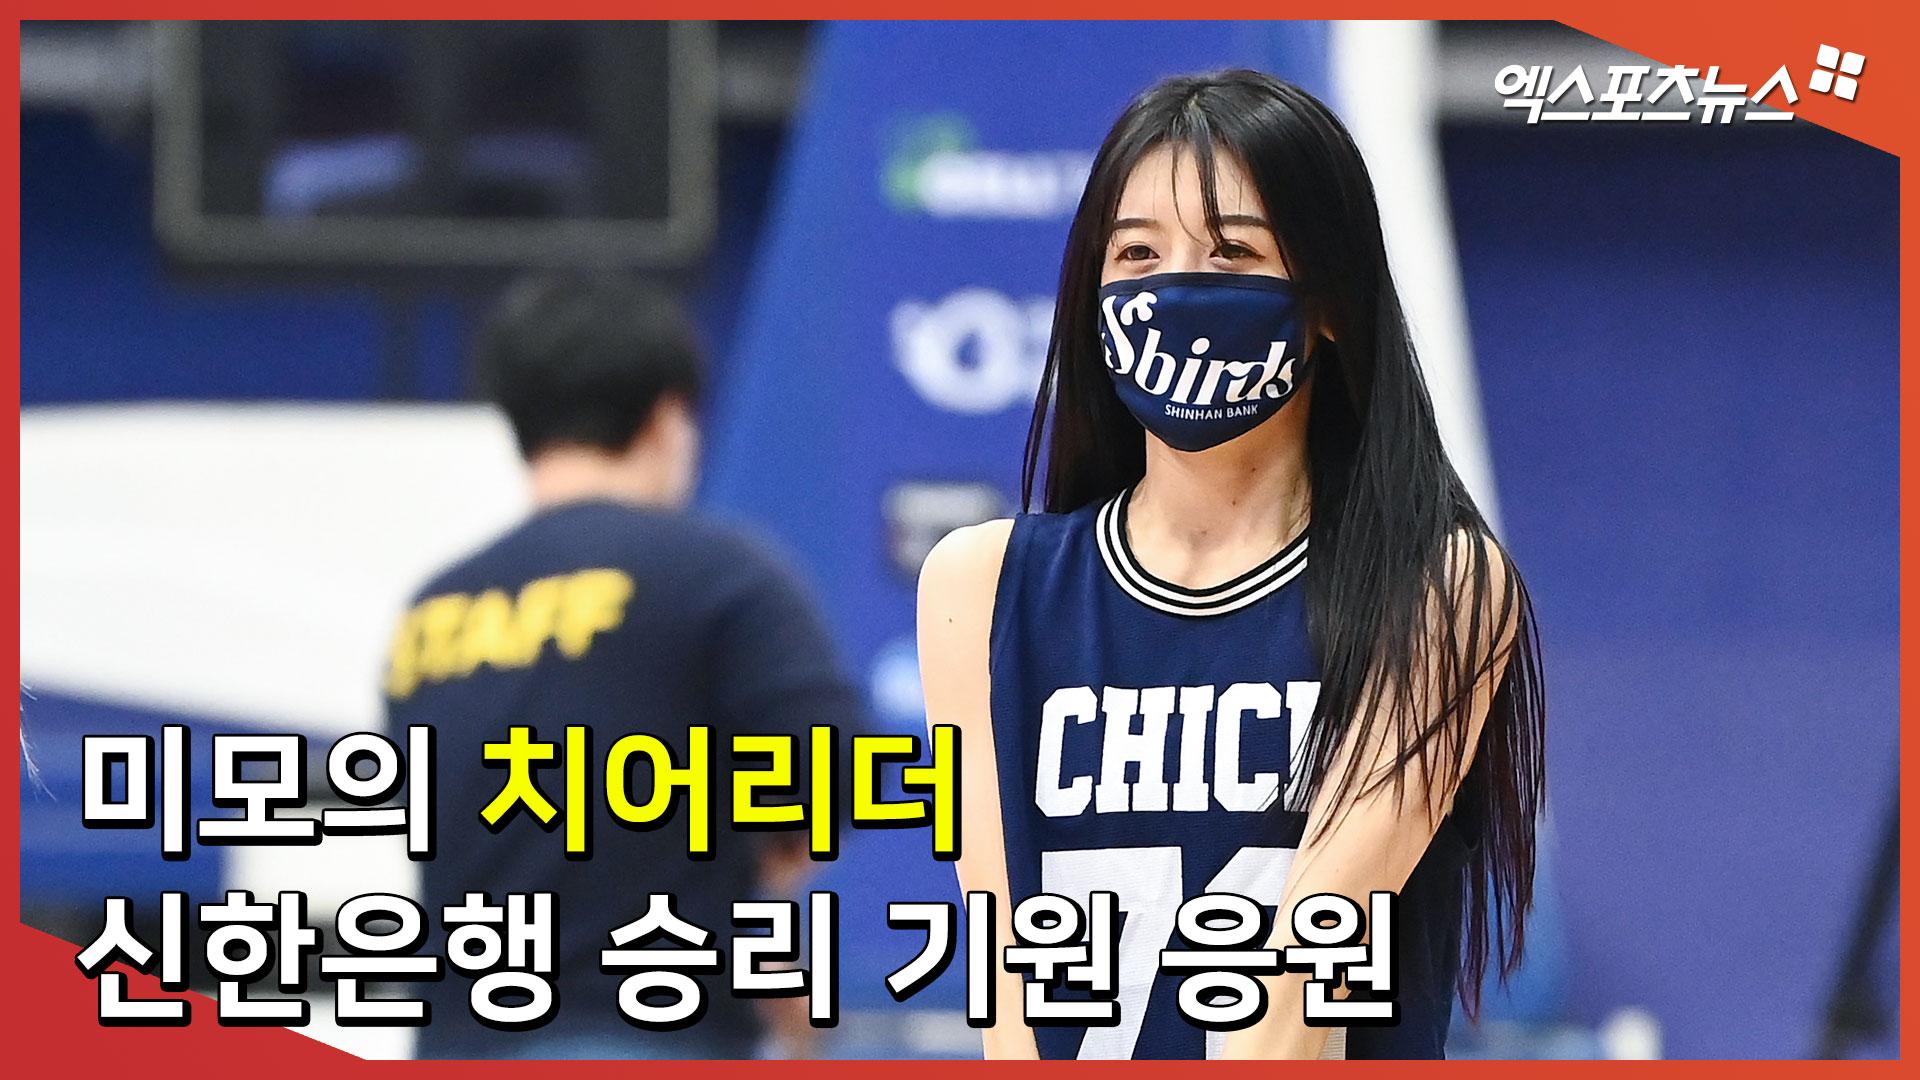 미모의 치어리더(Cheerleader), 신한은행 승리 기원 응원[엑's 영상]